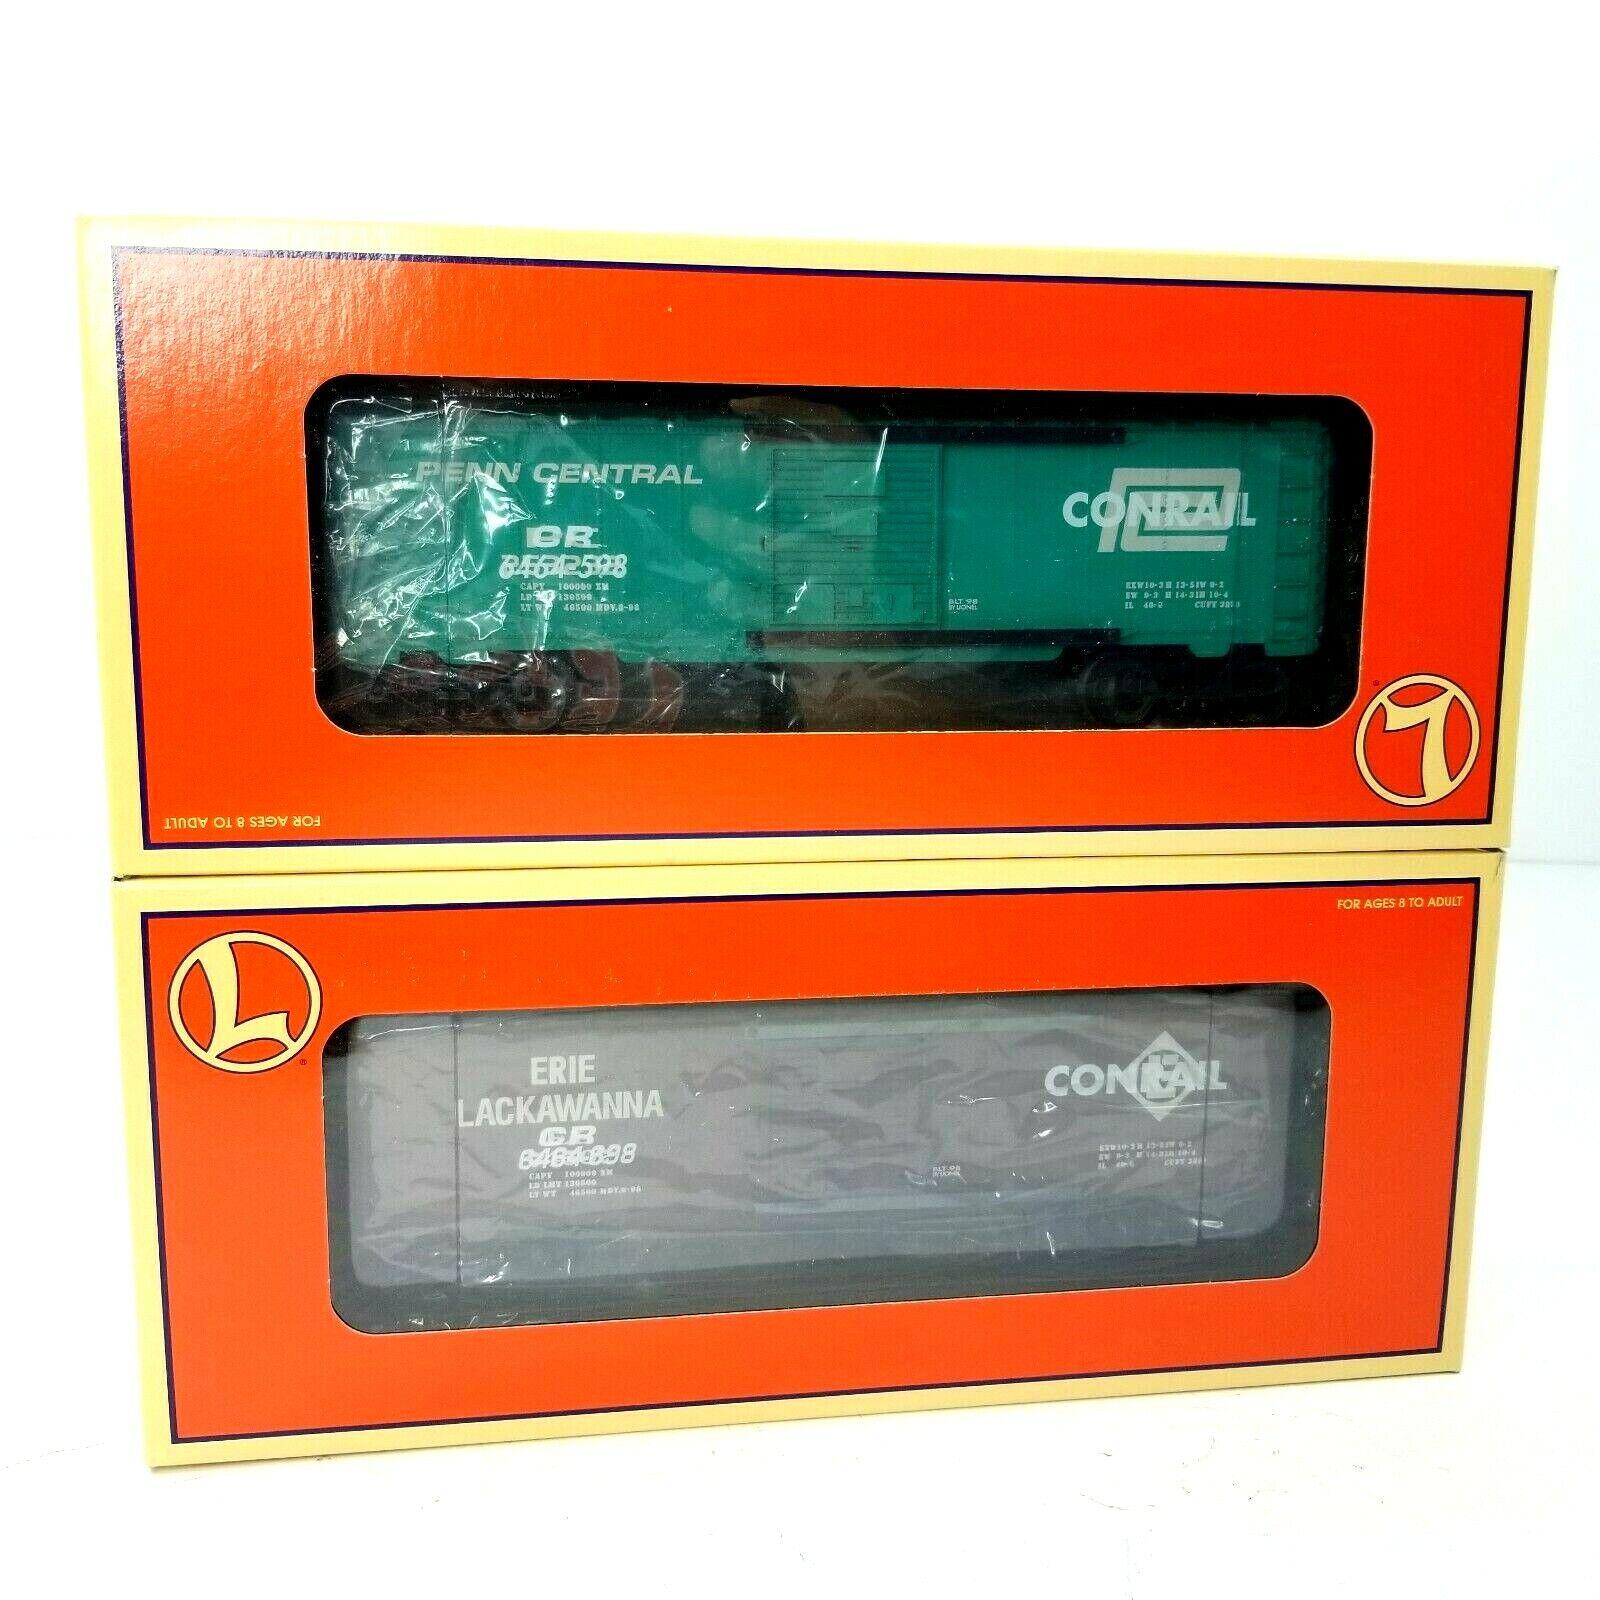 Lionel 6464 contrassegnato autoro merci Set 621756 Conrail 'PENN CENTRAL Treno 1998 NUOVO IN SCATOLA